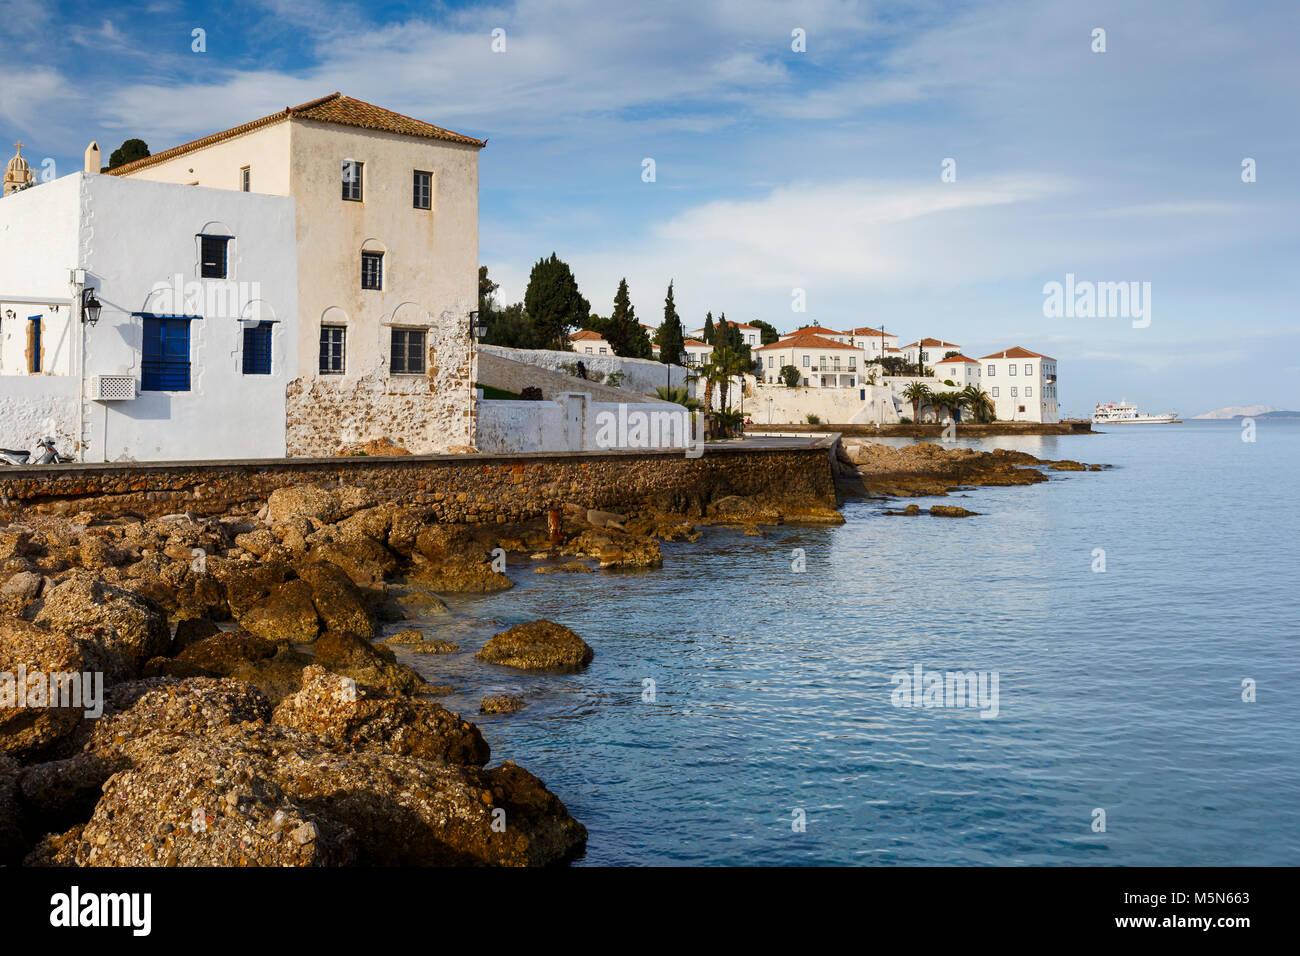 Traditionelle Architektur in Spetses, Griechenland direkt am Meer. Stockbild